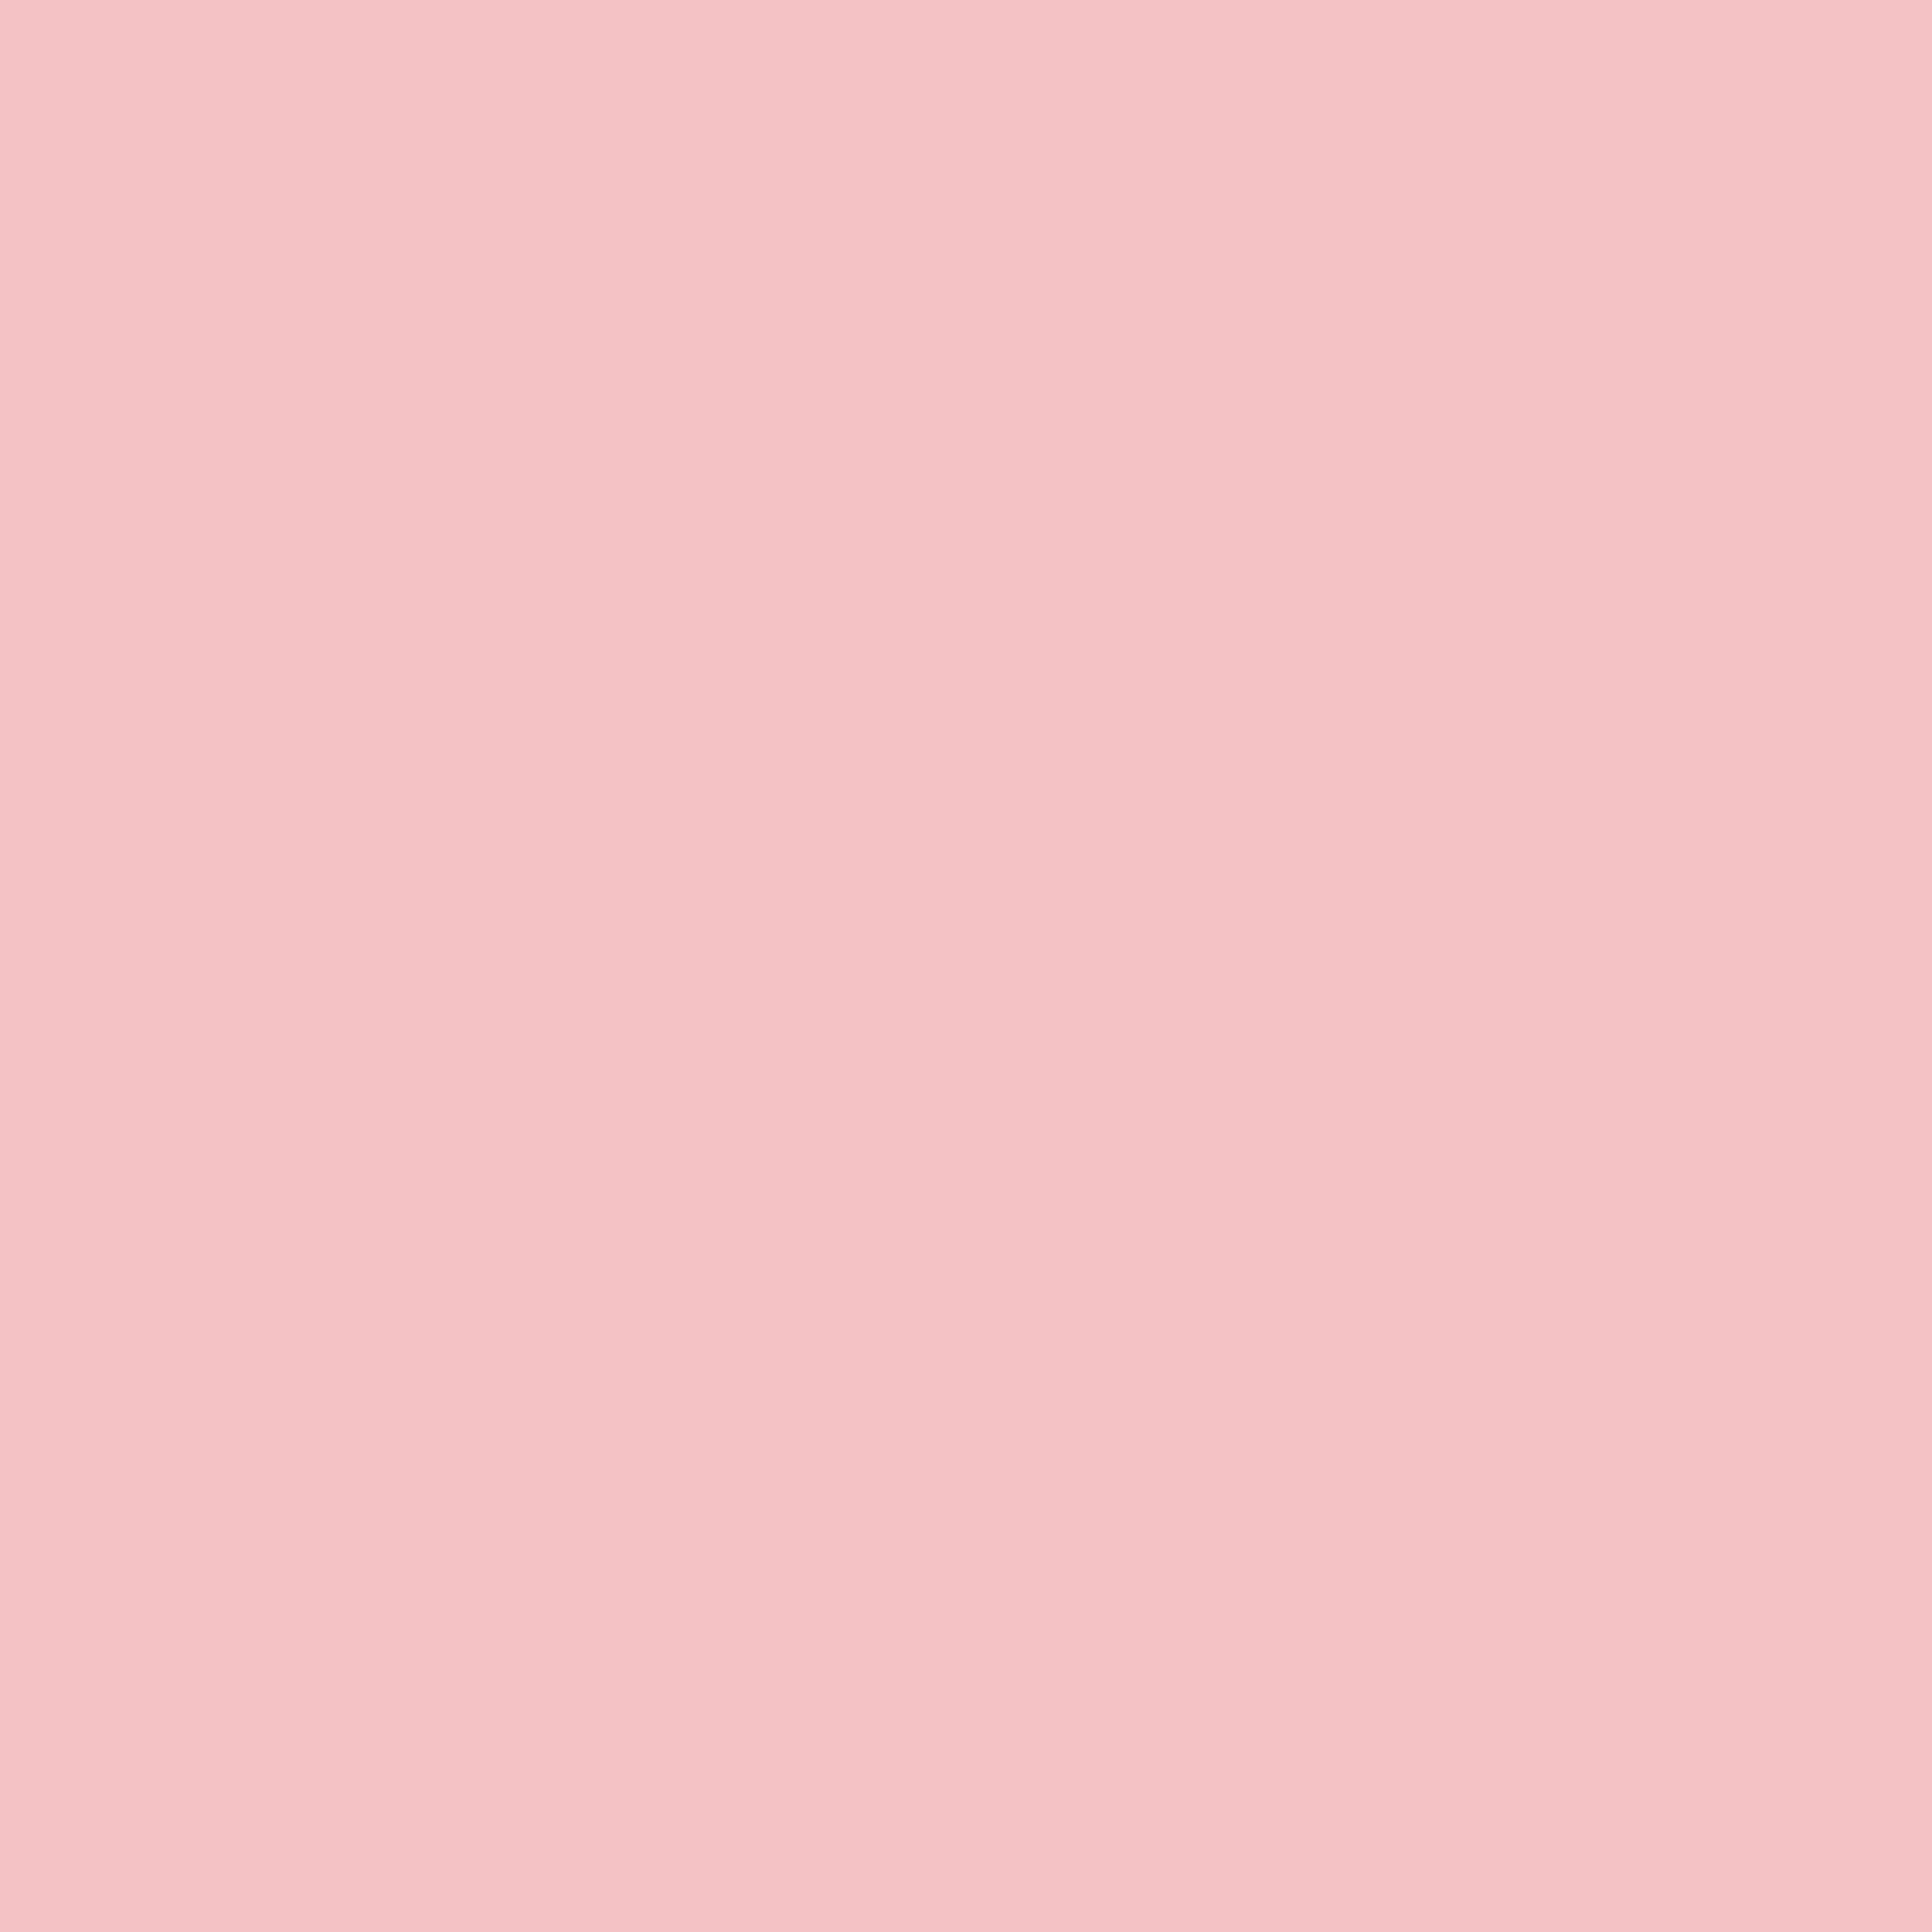 2732x2732 Tea Rose Rose Solid Color Background